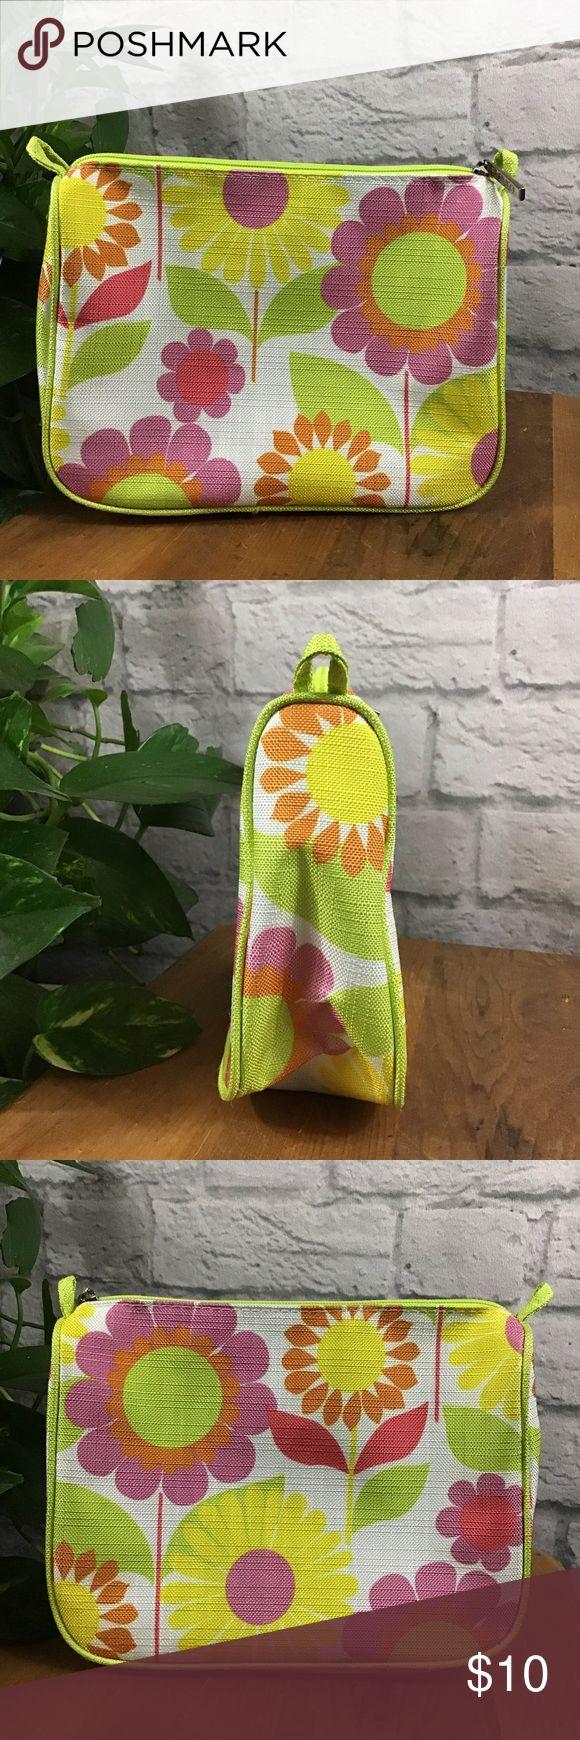 SALE! 3/10 Clinique floral makeup bag 🍃 Makeup bag